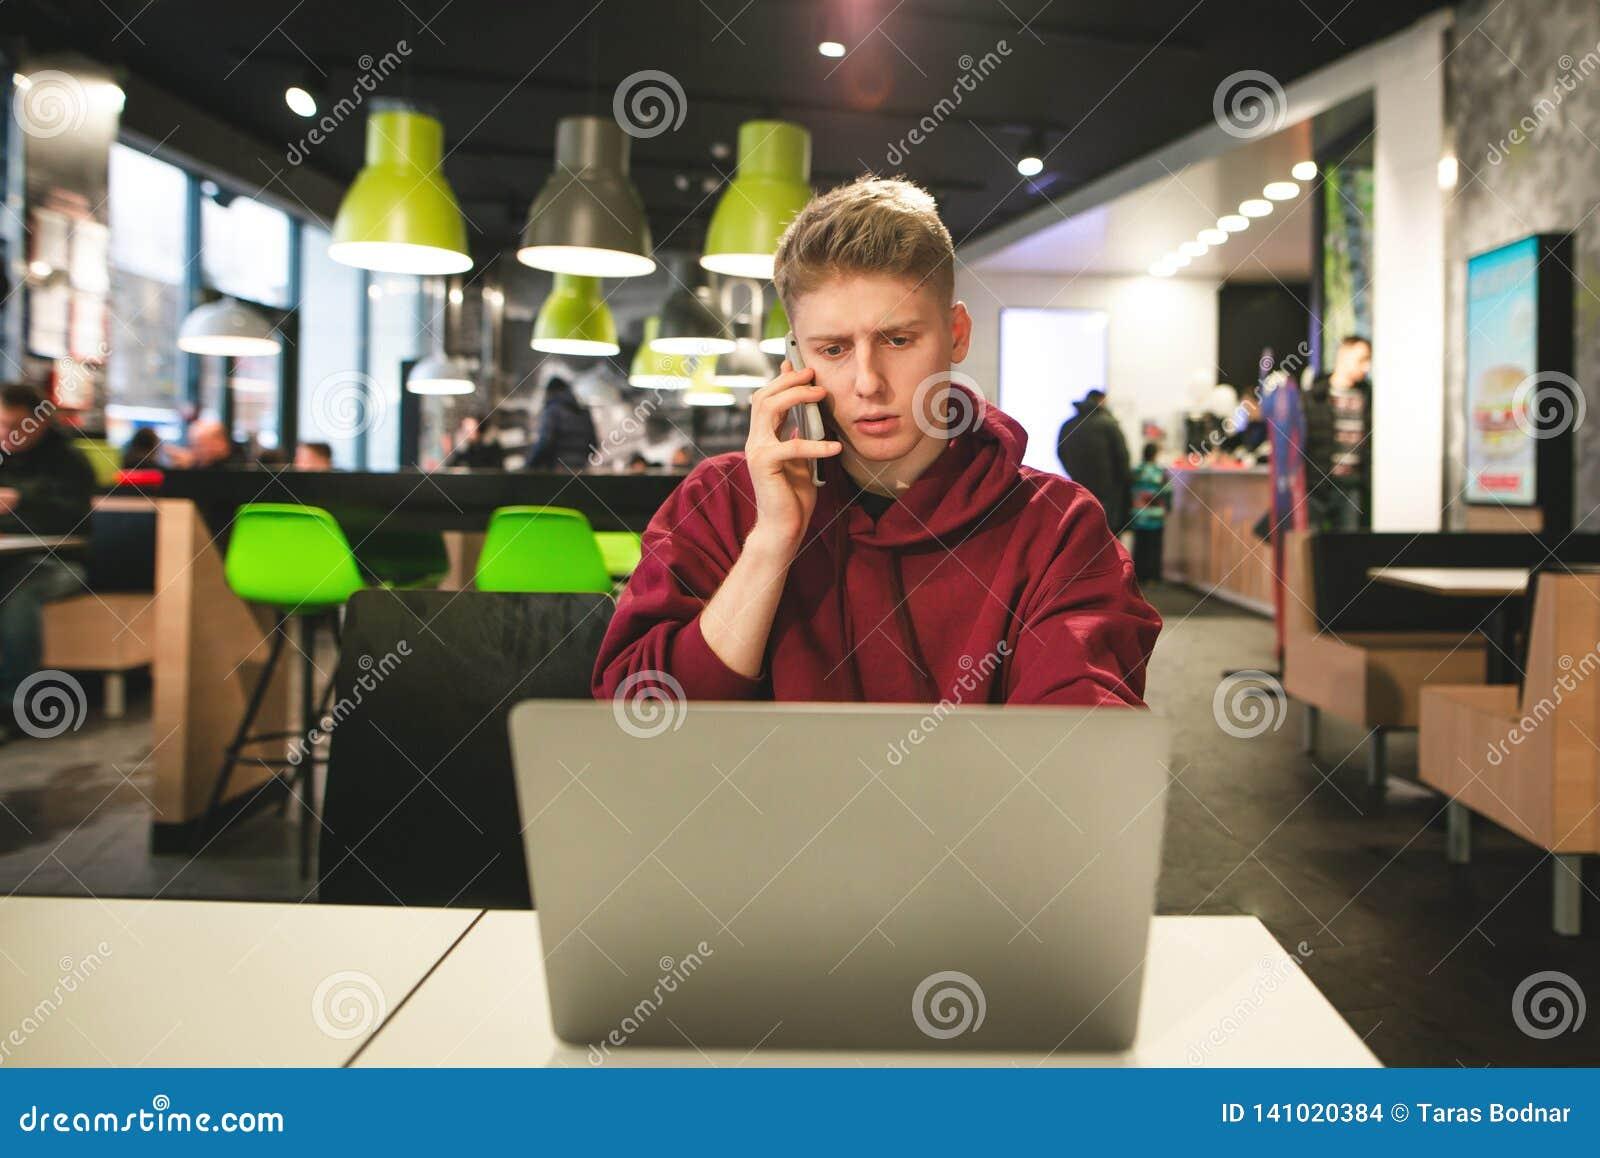 Freelancer pracuje na laptopie w kawiarni i dzwoni telefon Biznesowy młodego człowieka obsiadanie z laptopem w fast food kawiarni